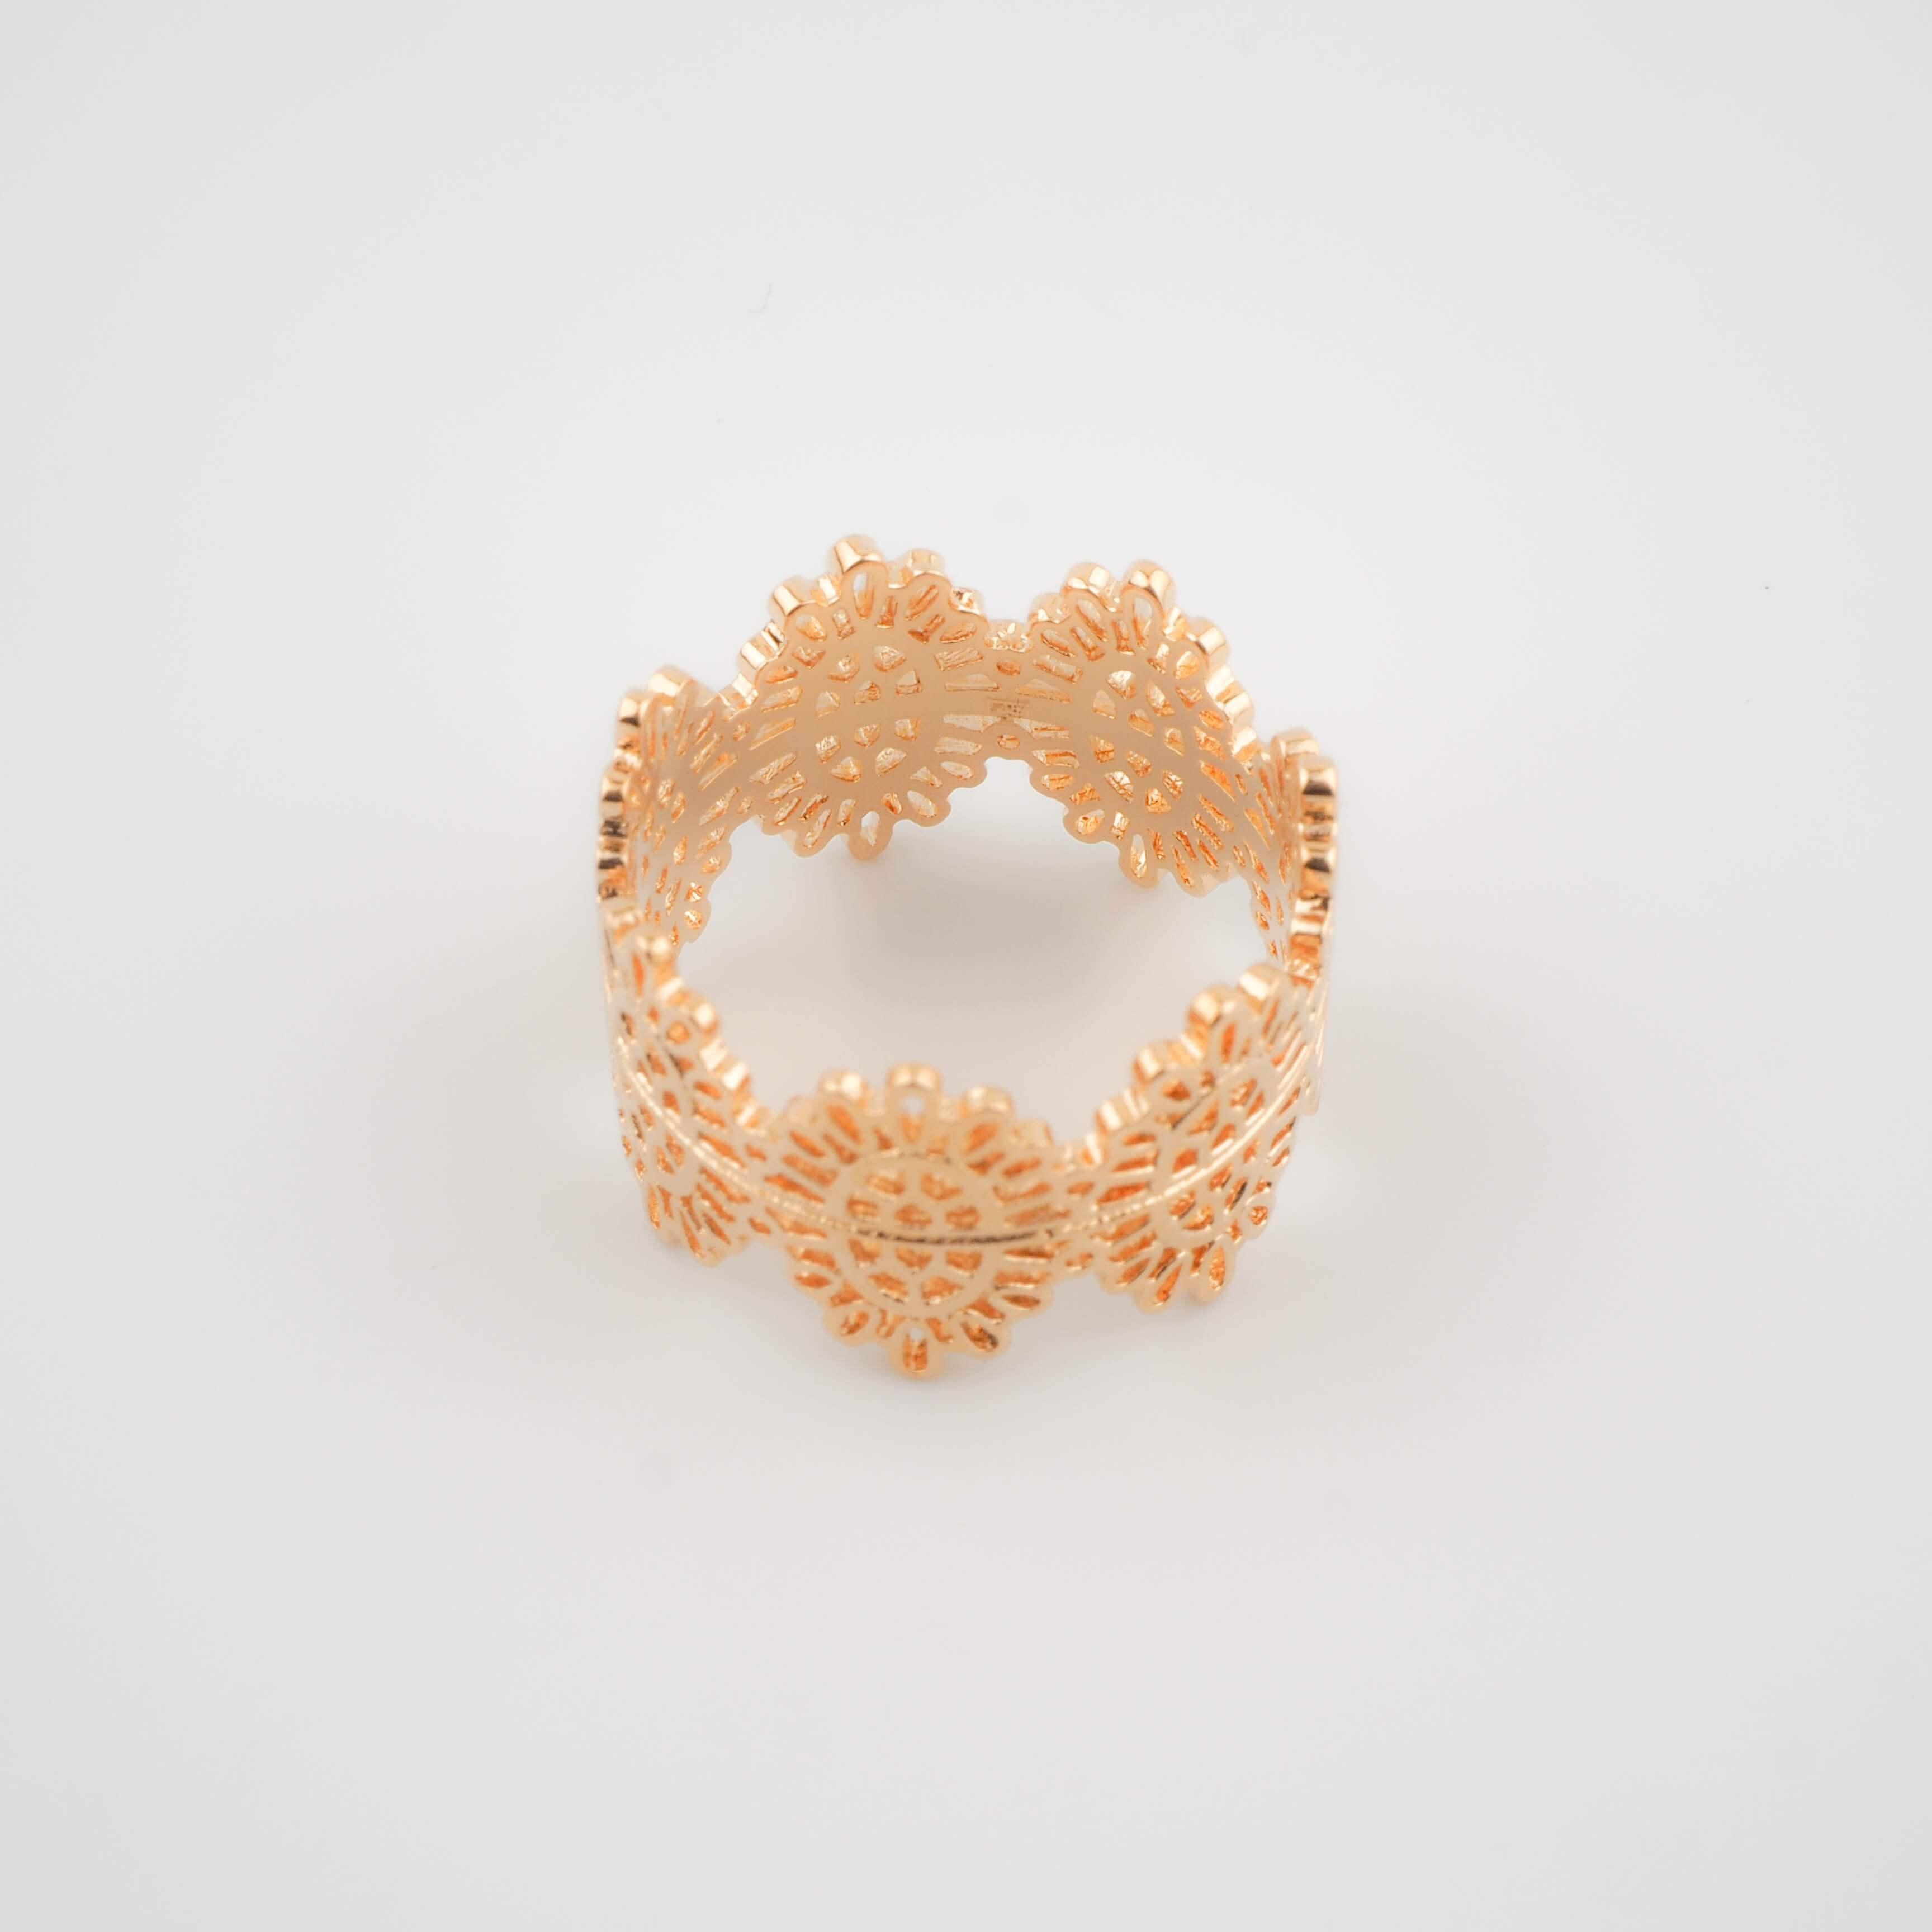 Bague couronne plaqué or - Pomme Cannelle